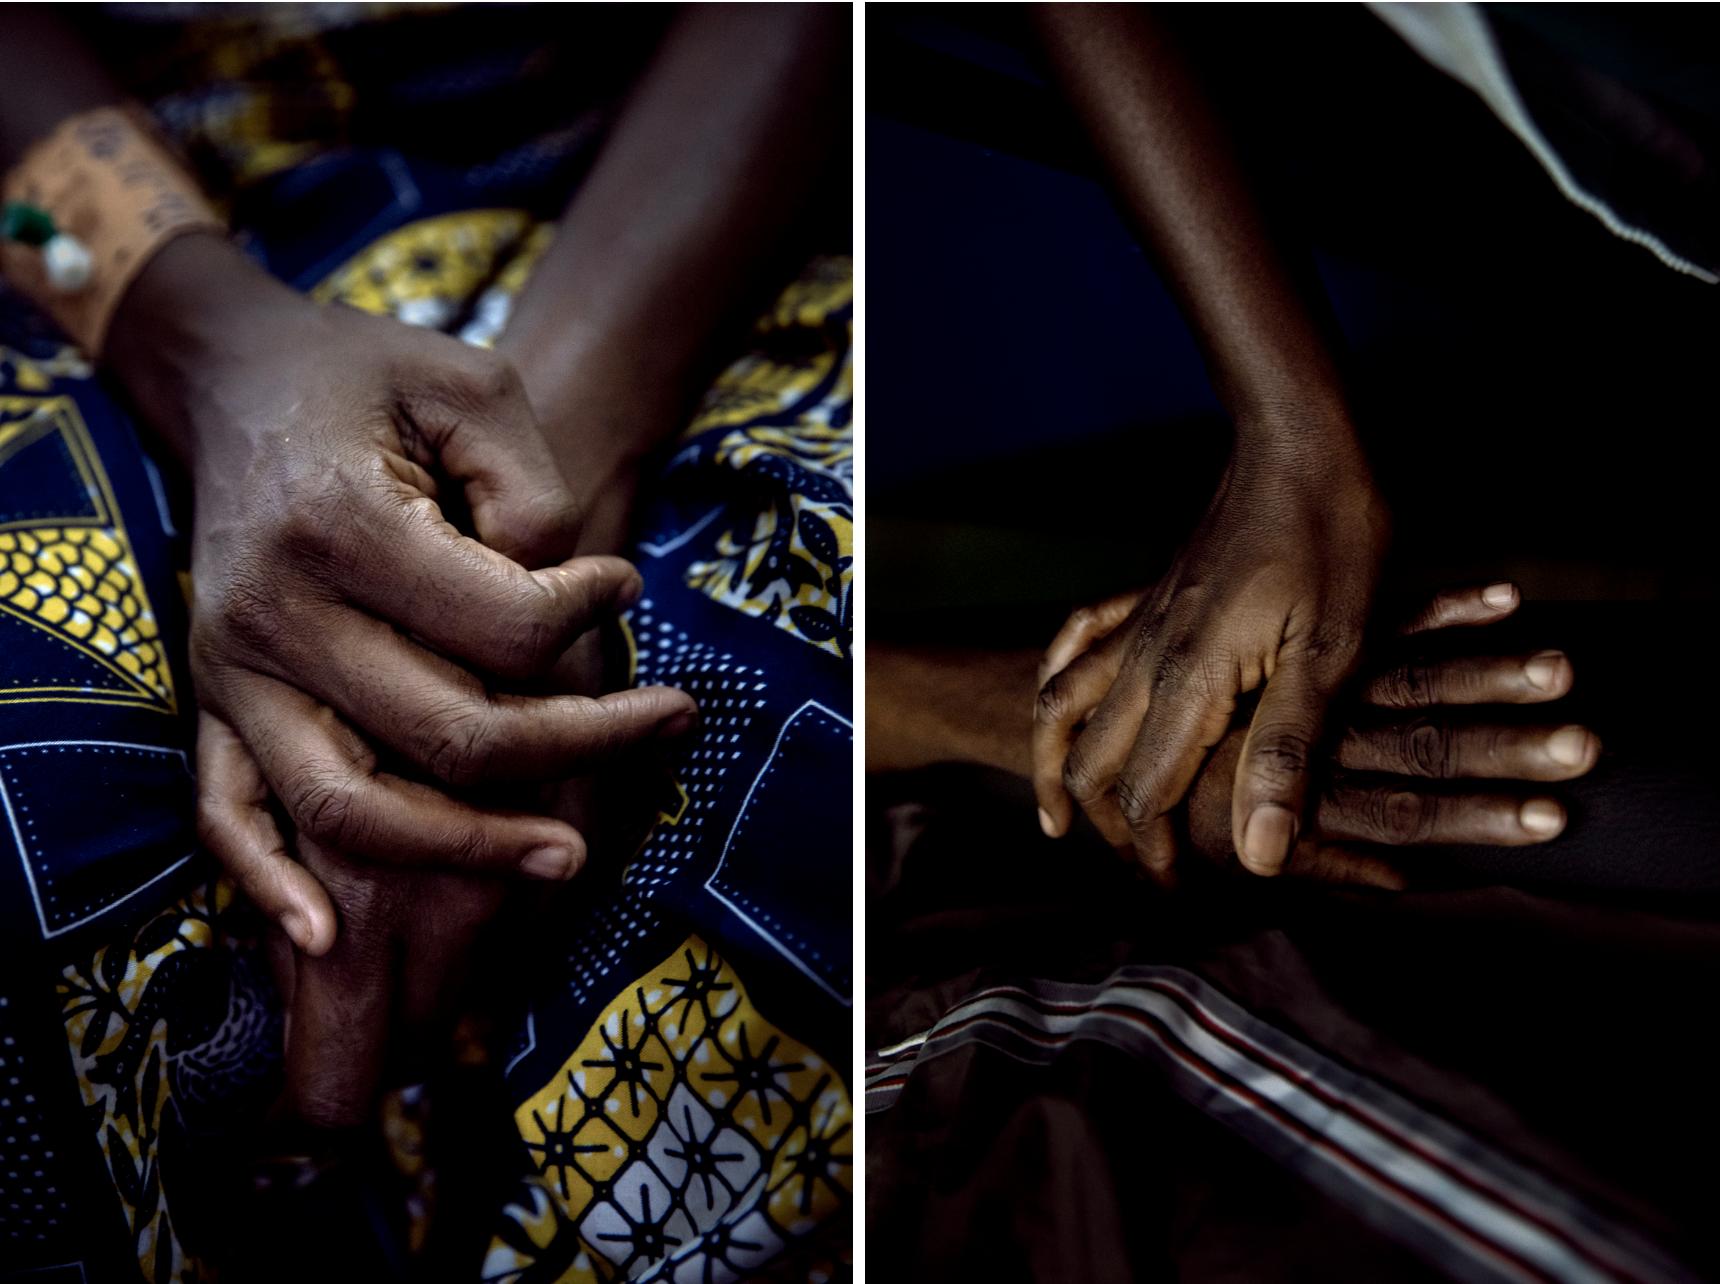 Mains de patientes, prises en charge à l'hôpital communautaire de Bangui, novembre 2020. Crédit : Adrienne Surprenant/Collectif Item